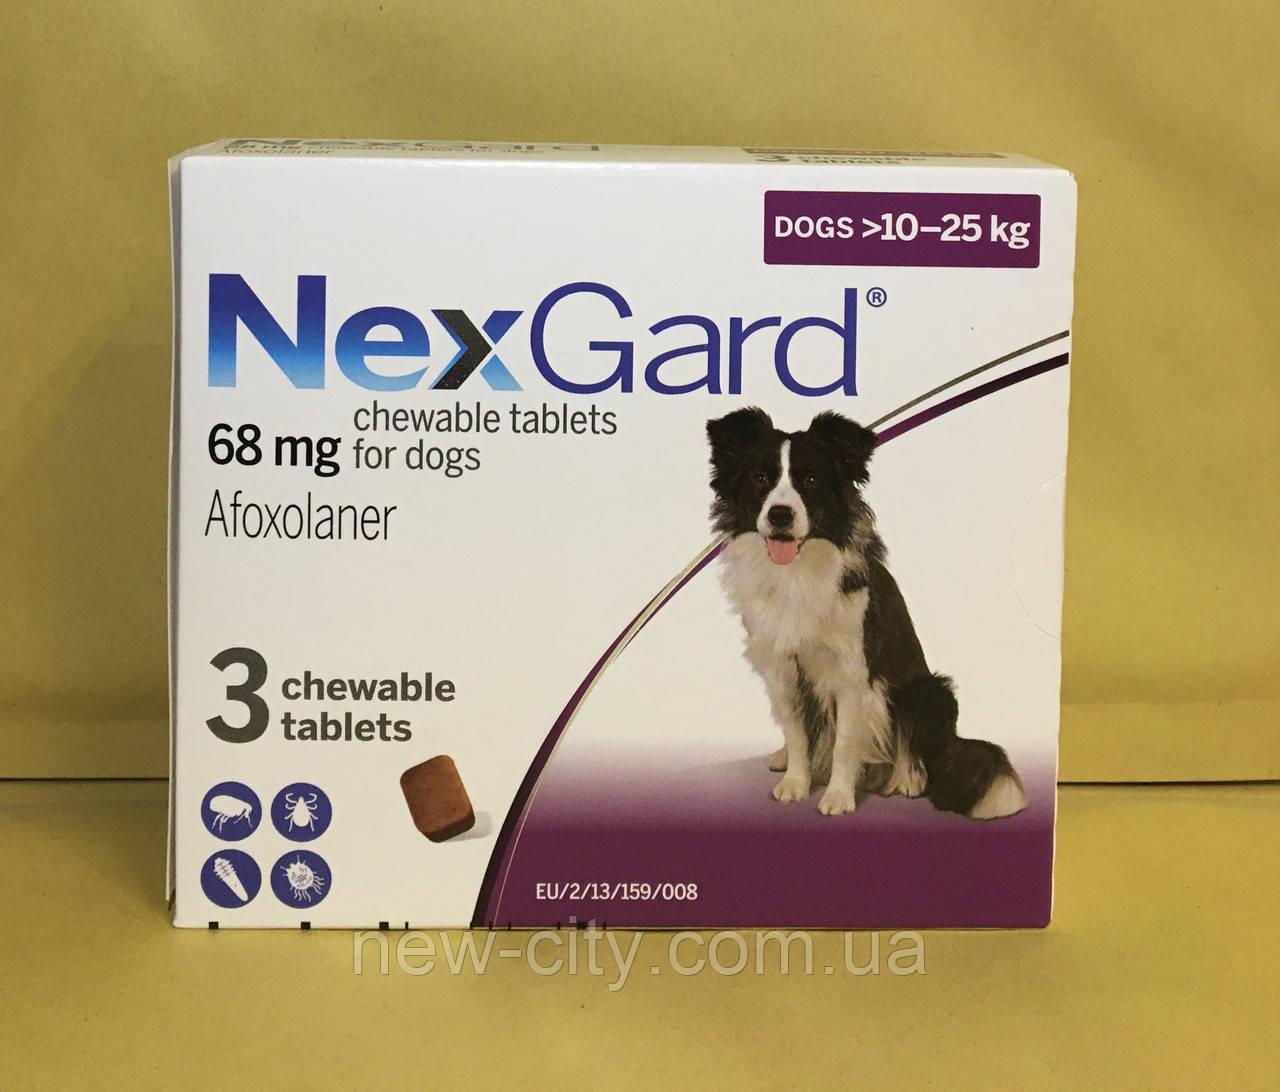 НексгарД*  NexGard  Жевательные таблетки для собак от блох и клещей 10-25кг 3 таб